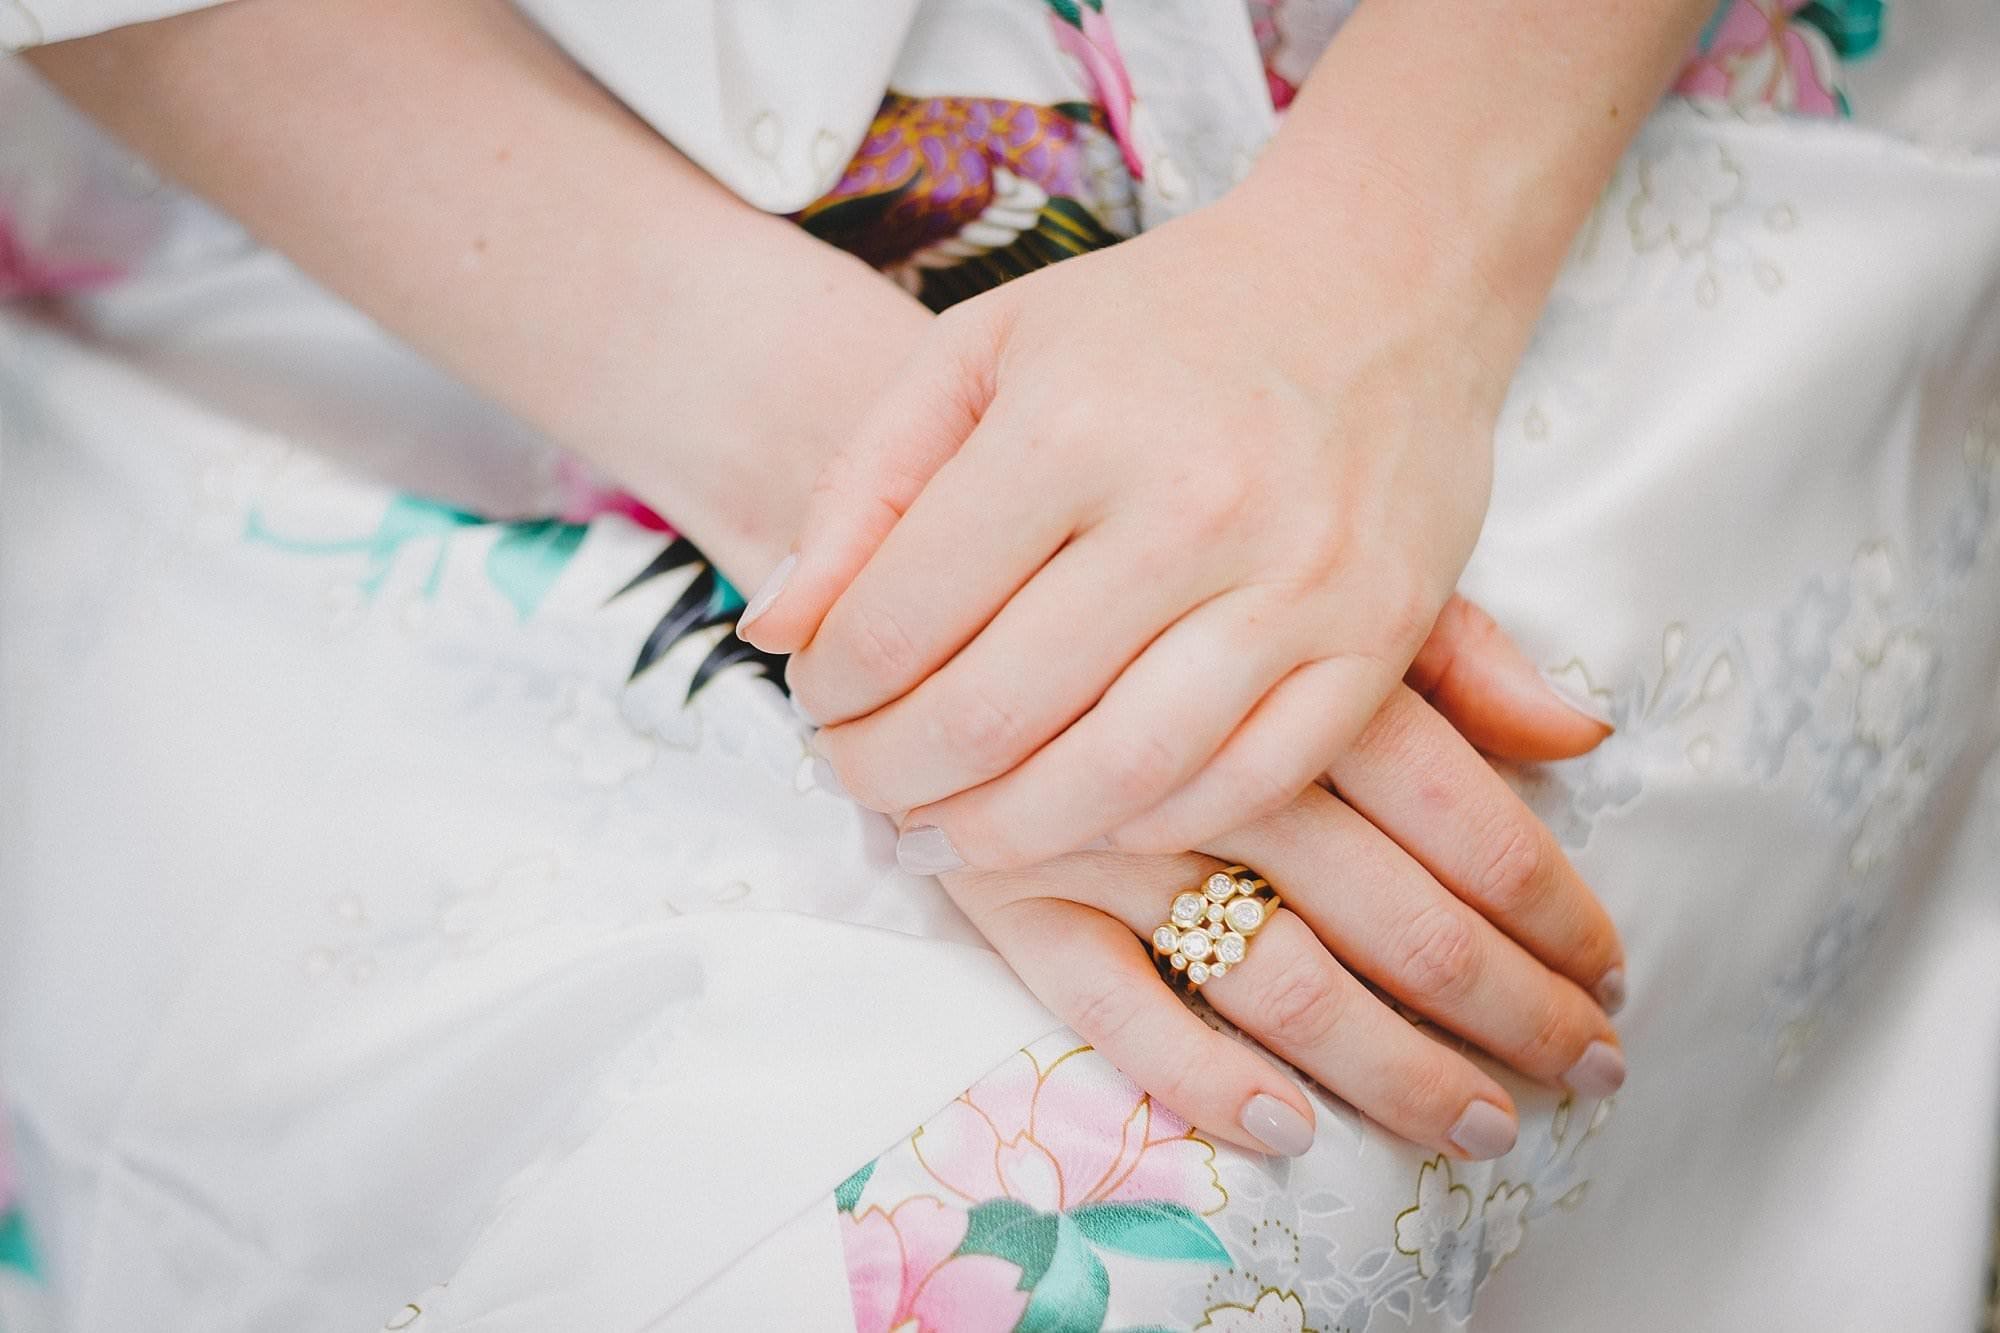 fulham palace wedding photographer 009 - Rosanna + Duncan | Fulham